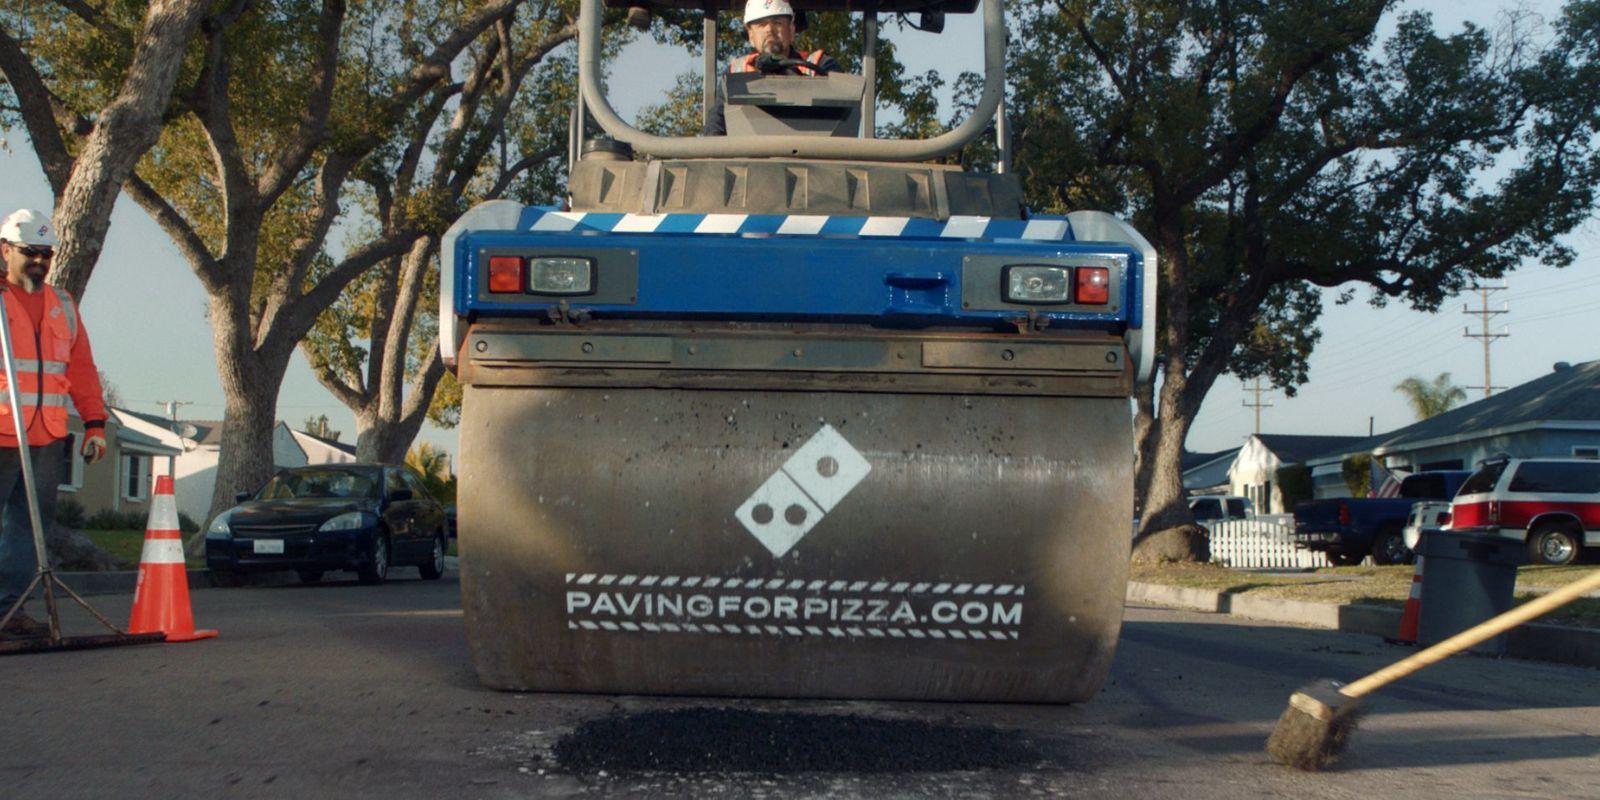 636650997329625074-04-DOTV8136000H-Paving-for-Pizza-30-Generic-1920x1080x1-vdf16.1001.jpg